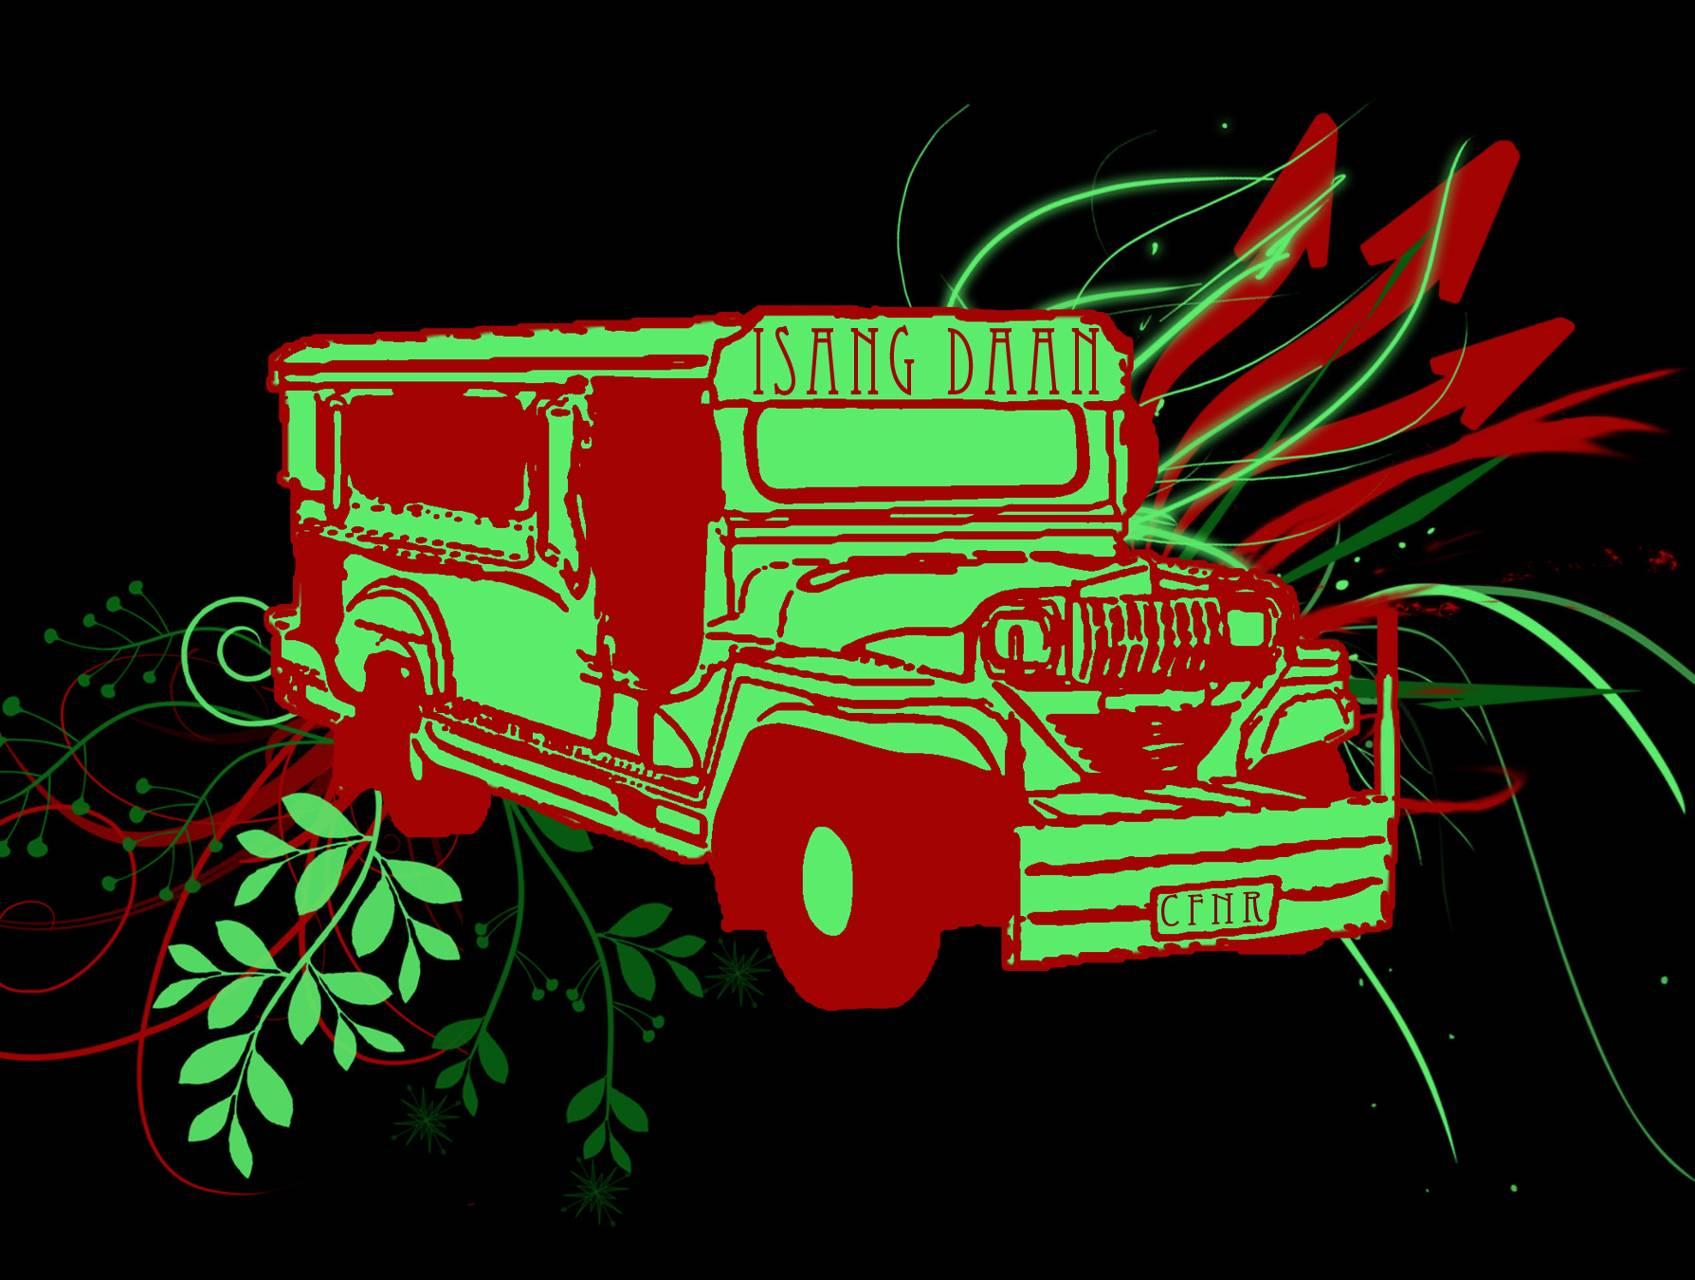 Isang Daan Jeepney